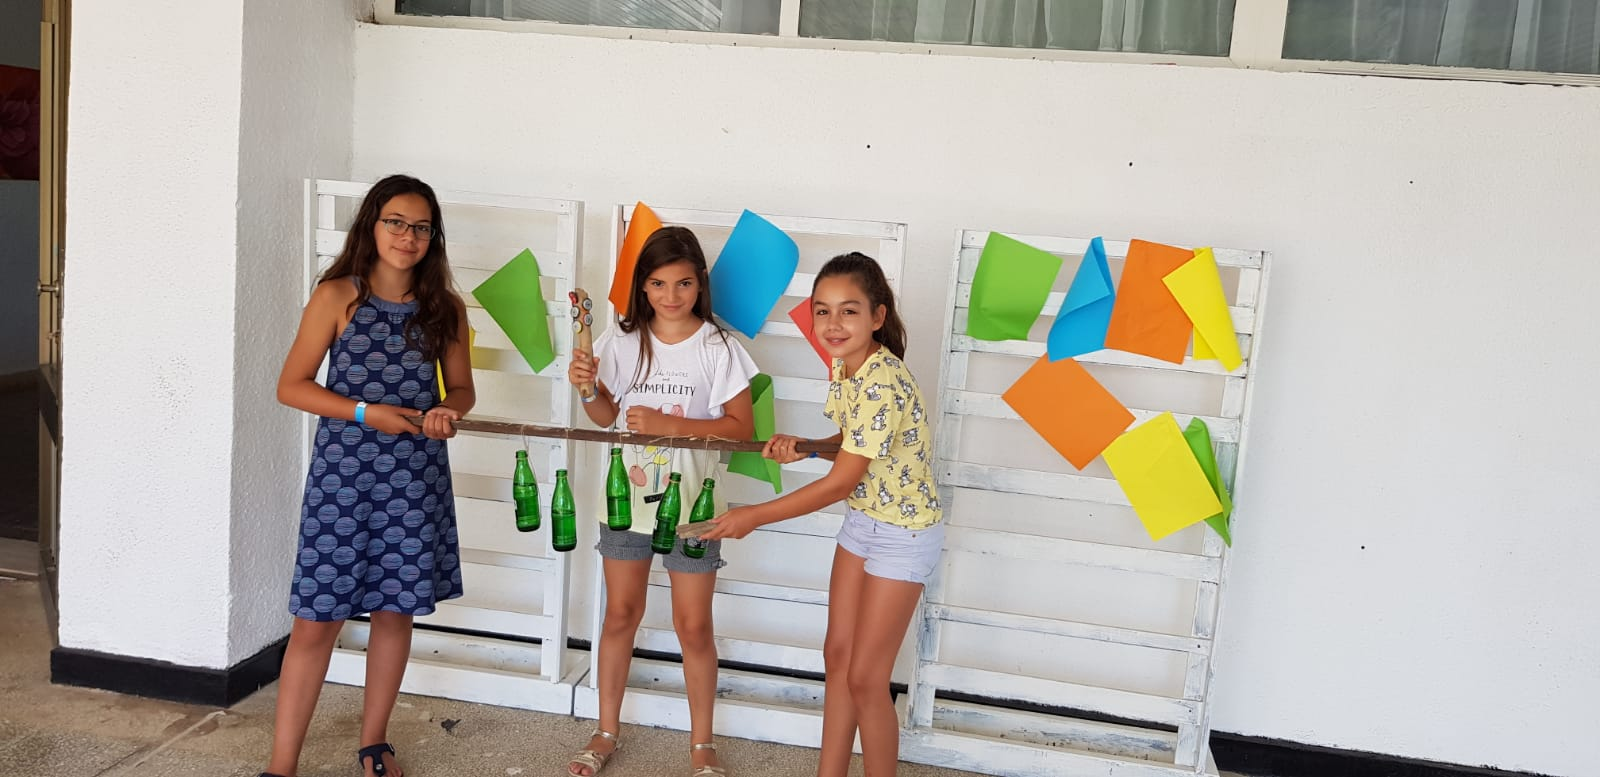 Z кемп, ден 14 - музикална работилница - 3 момичета показват саморъчно направен музикален инструмент от завързани, висящи, стъклени бутилки